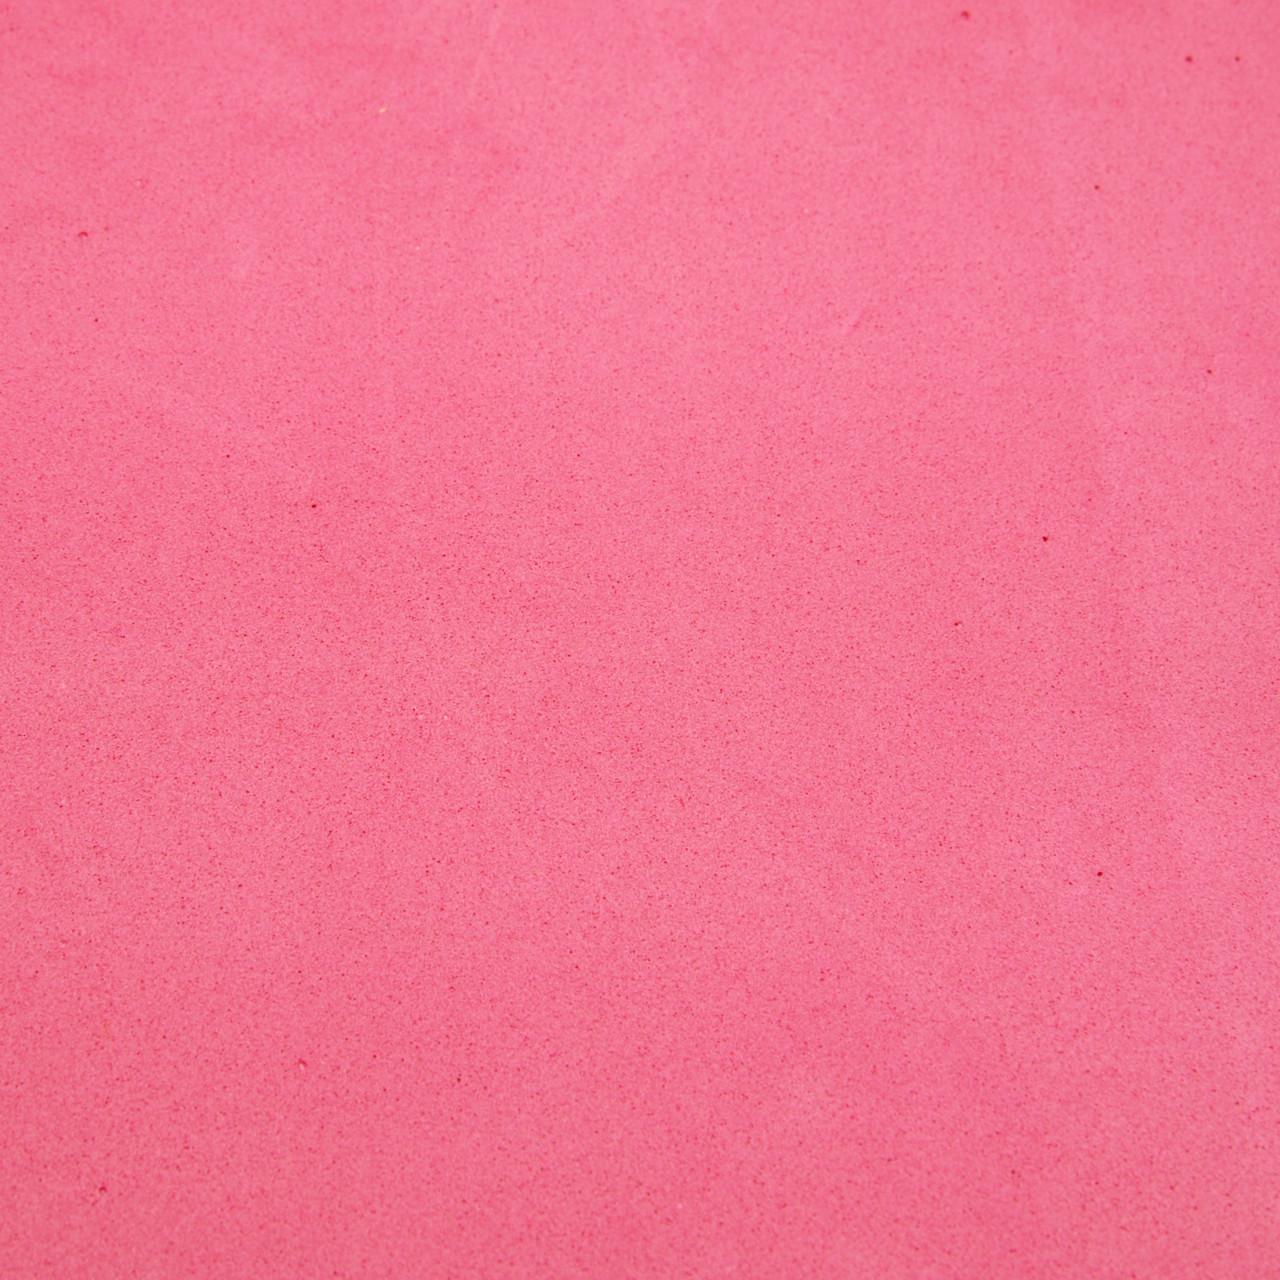 Фоамиран 2 мм, 20x30 см, Китай, ТЕМНО-РОЗОВЫЙ